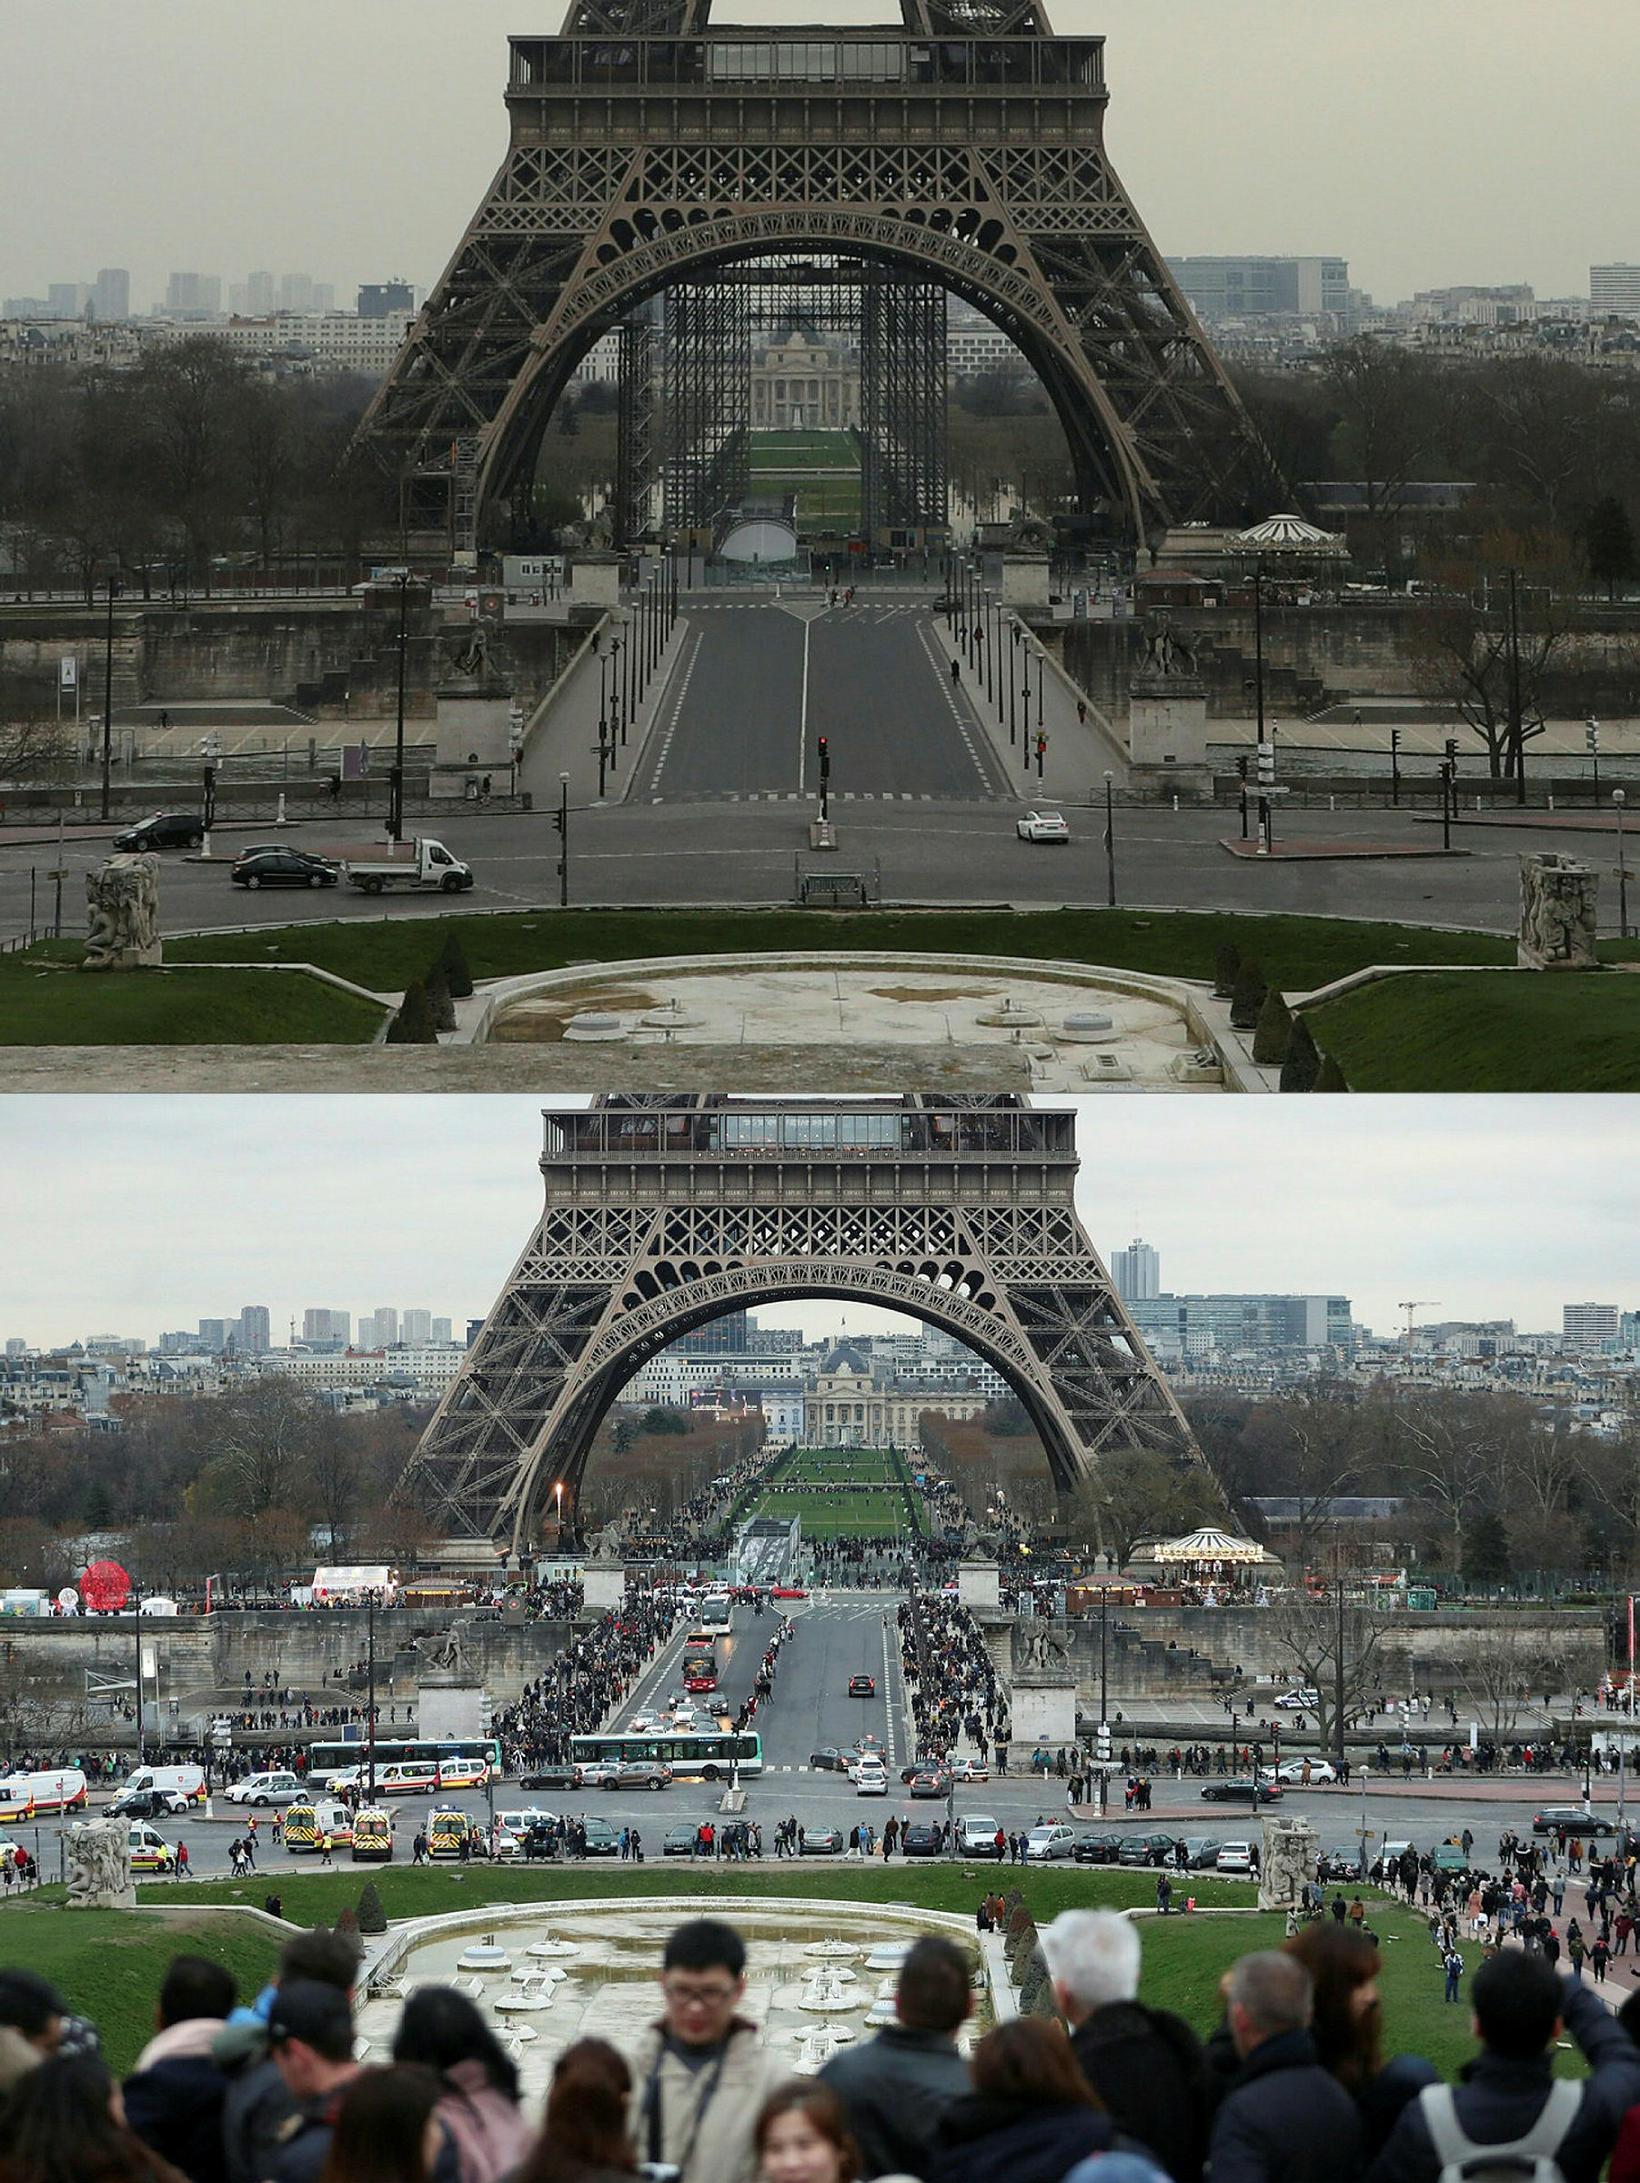 Við Eiffel-turninn þann 17. mars 2020 og 31. desember 2018.